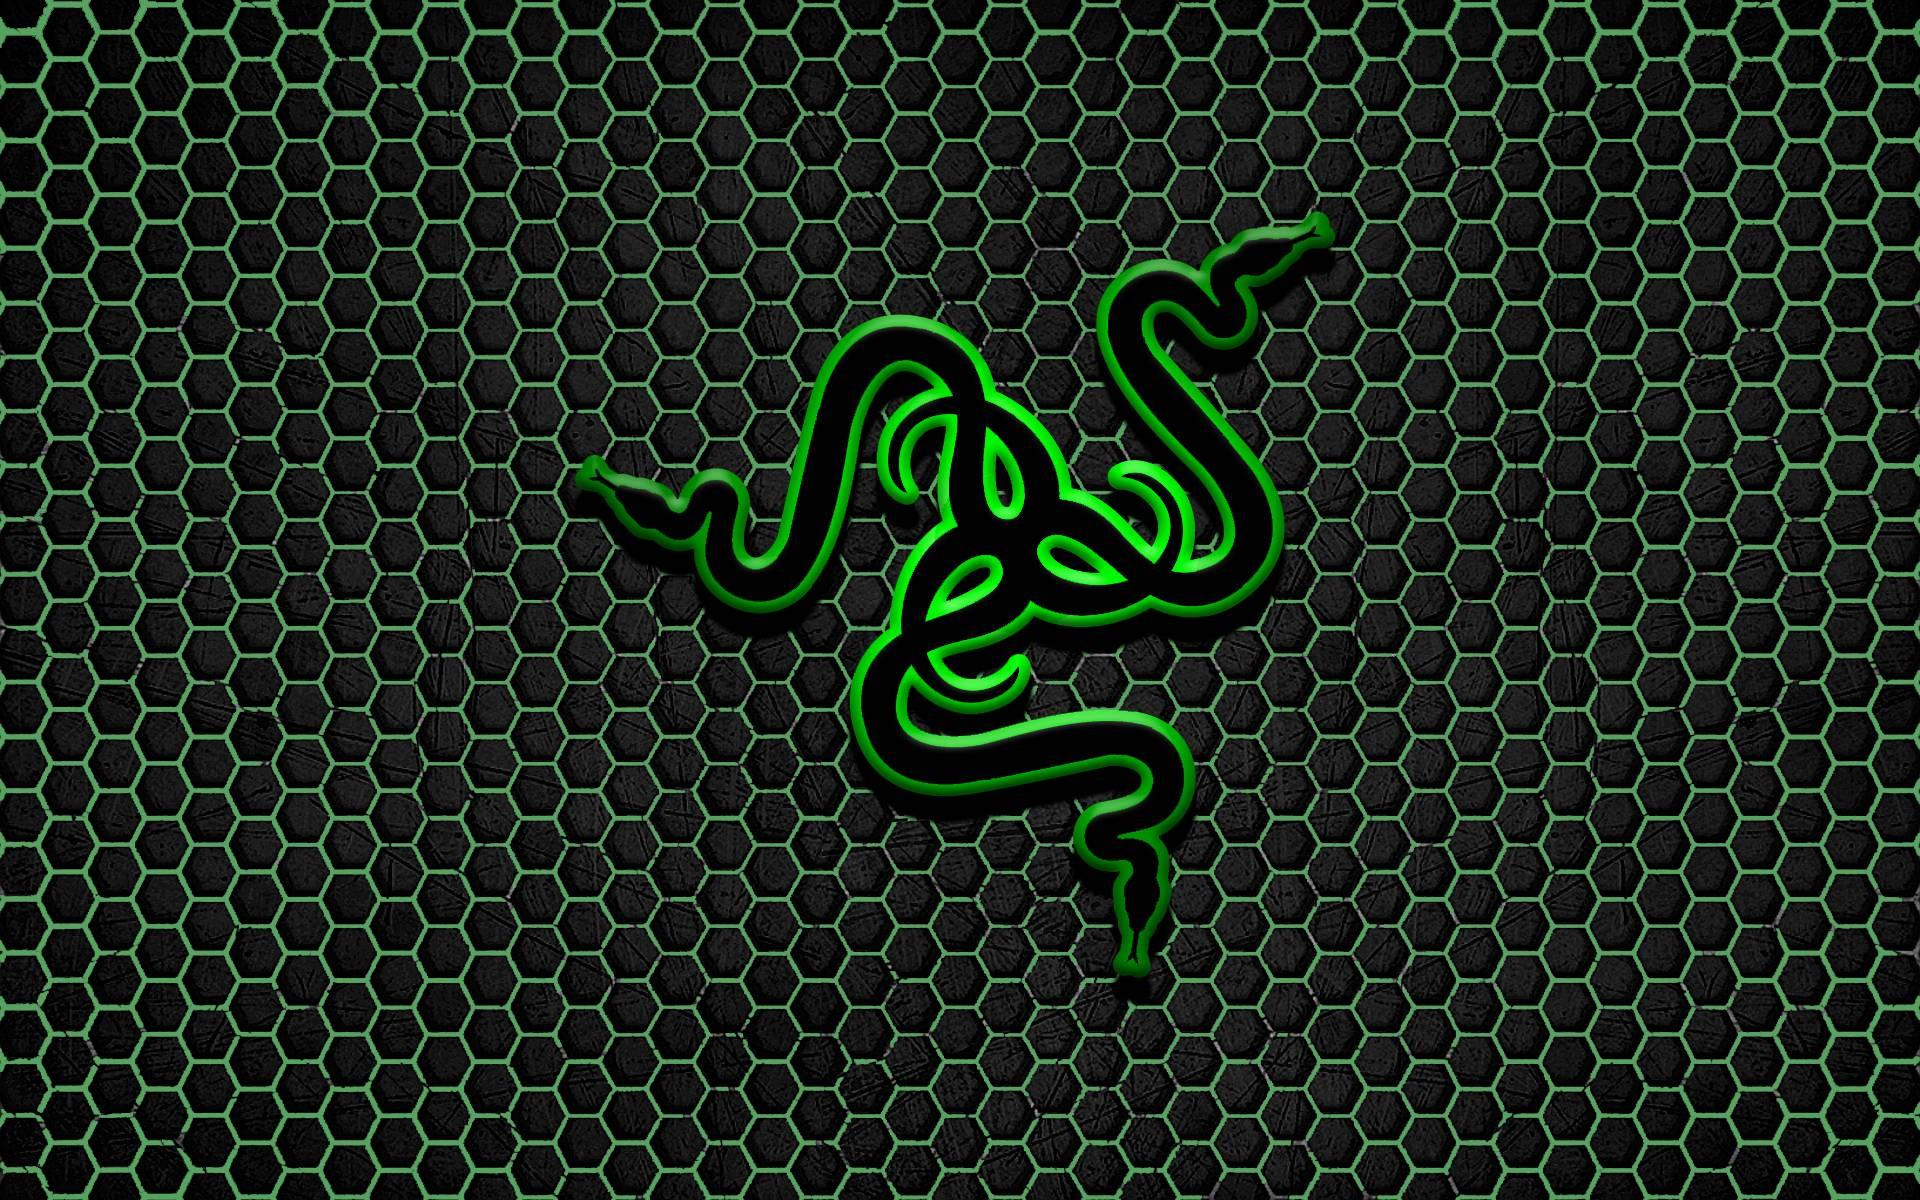 Razer full hd wallpaper jpg 274032